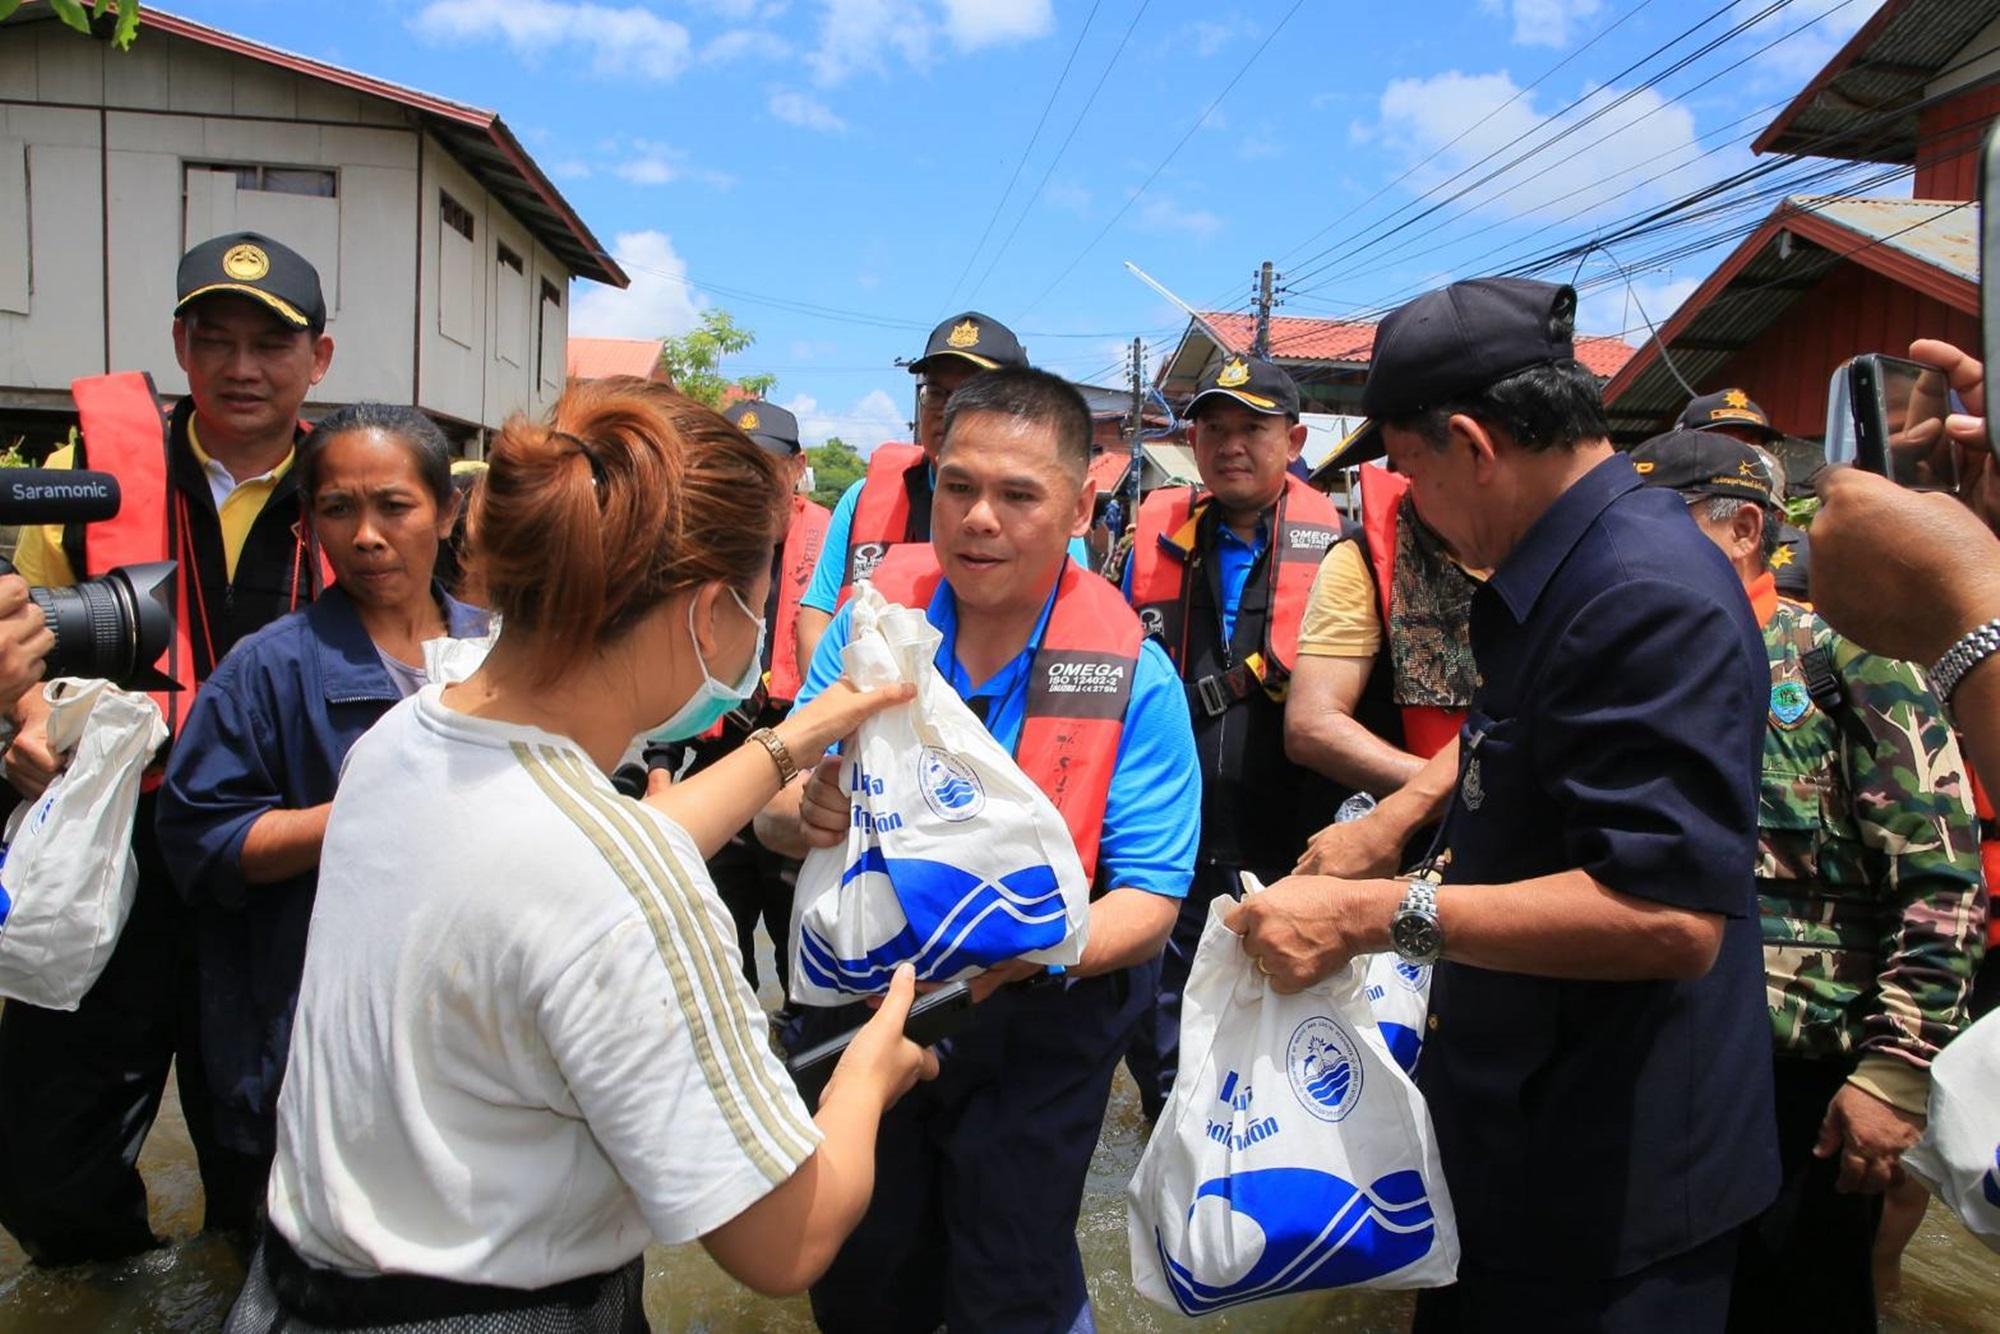 รมว.ทส. ยกทีมช่วยเหลือผู้ประสบอุทกภัย นำความห่วงใยจากรัฐบาลสู่เมืองอุบลฯ